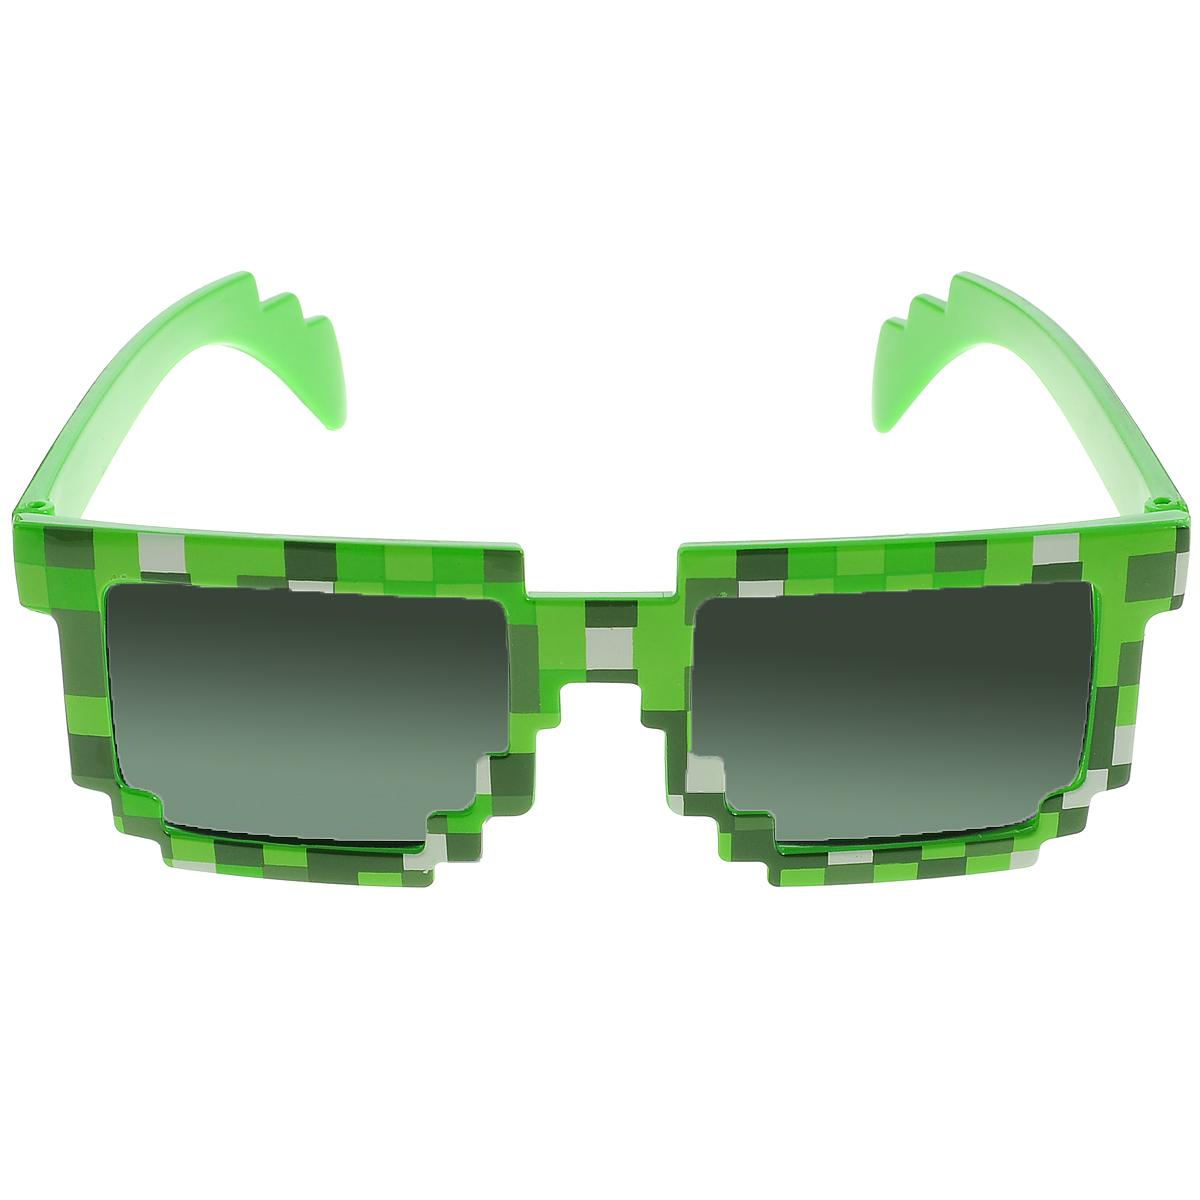 Очки солнечные Minecraft Пиксельные, цвет: зеленый, черныйCF632YНаикрутейшие солнечные пиксельные очки в зеленой оправе! Очки пиксельные Minecraft (Майнкрафт) - это стильный и качественно выполненный аксессуар из игры Minecraft. Если ваш ребенок увлекается игрой Майнкрафт, такой подарок ему очень понравится!Яркий, эффектный дизайн очков Майнкрафт привлекает внимание с первого взгляда.